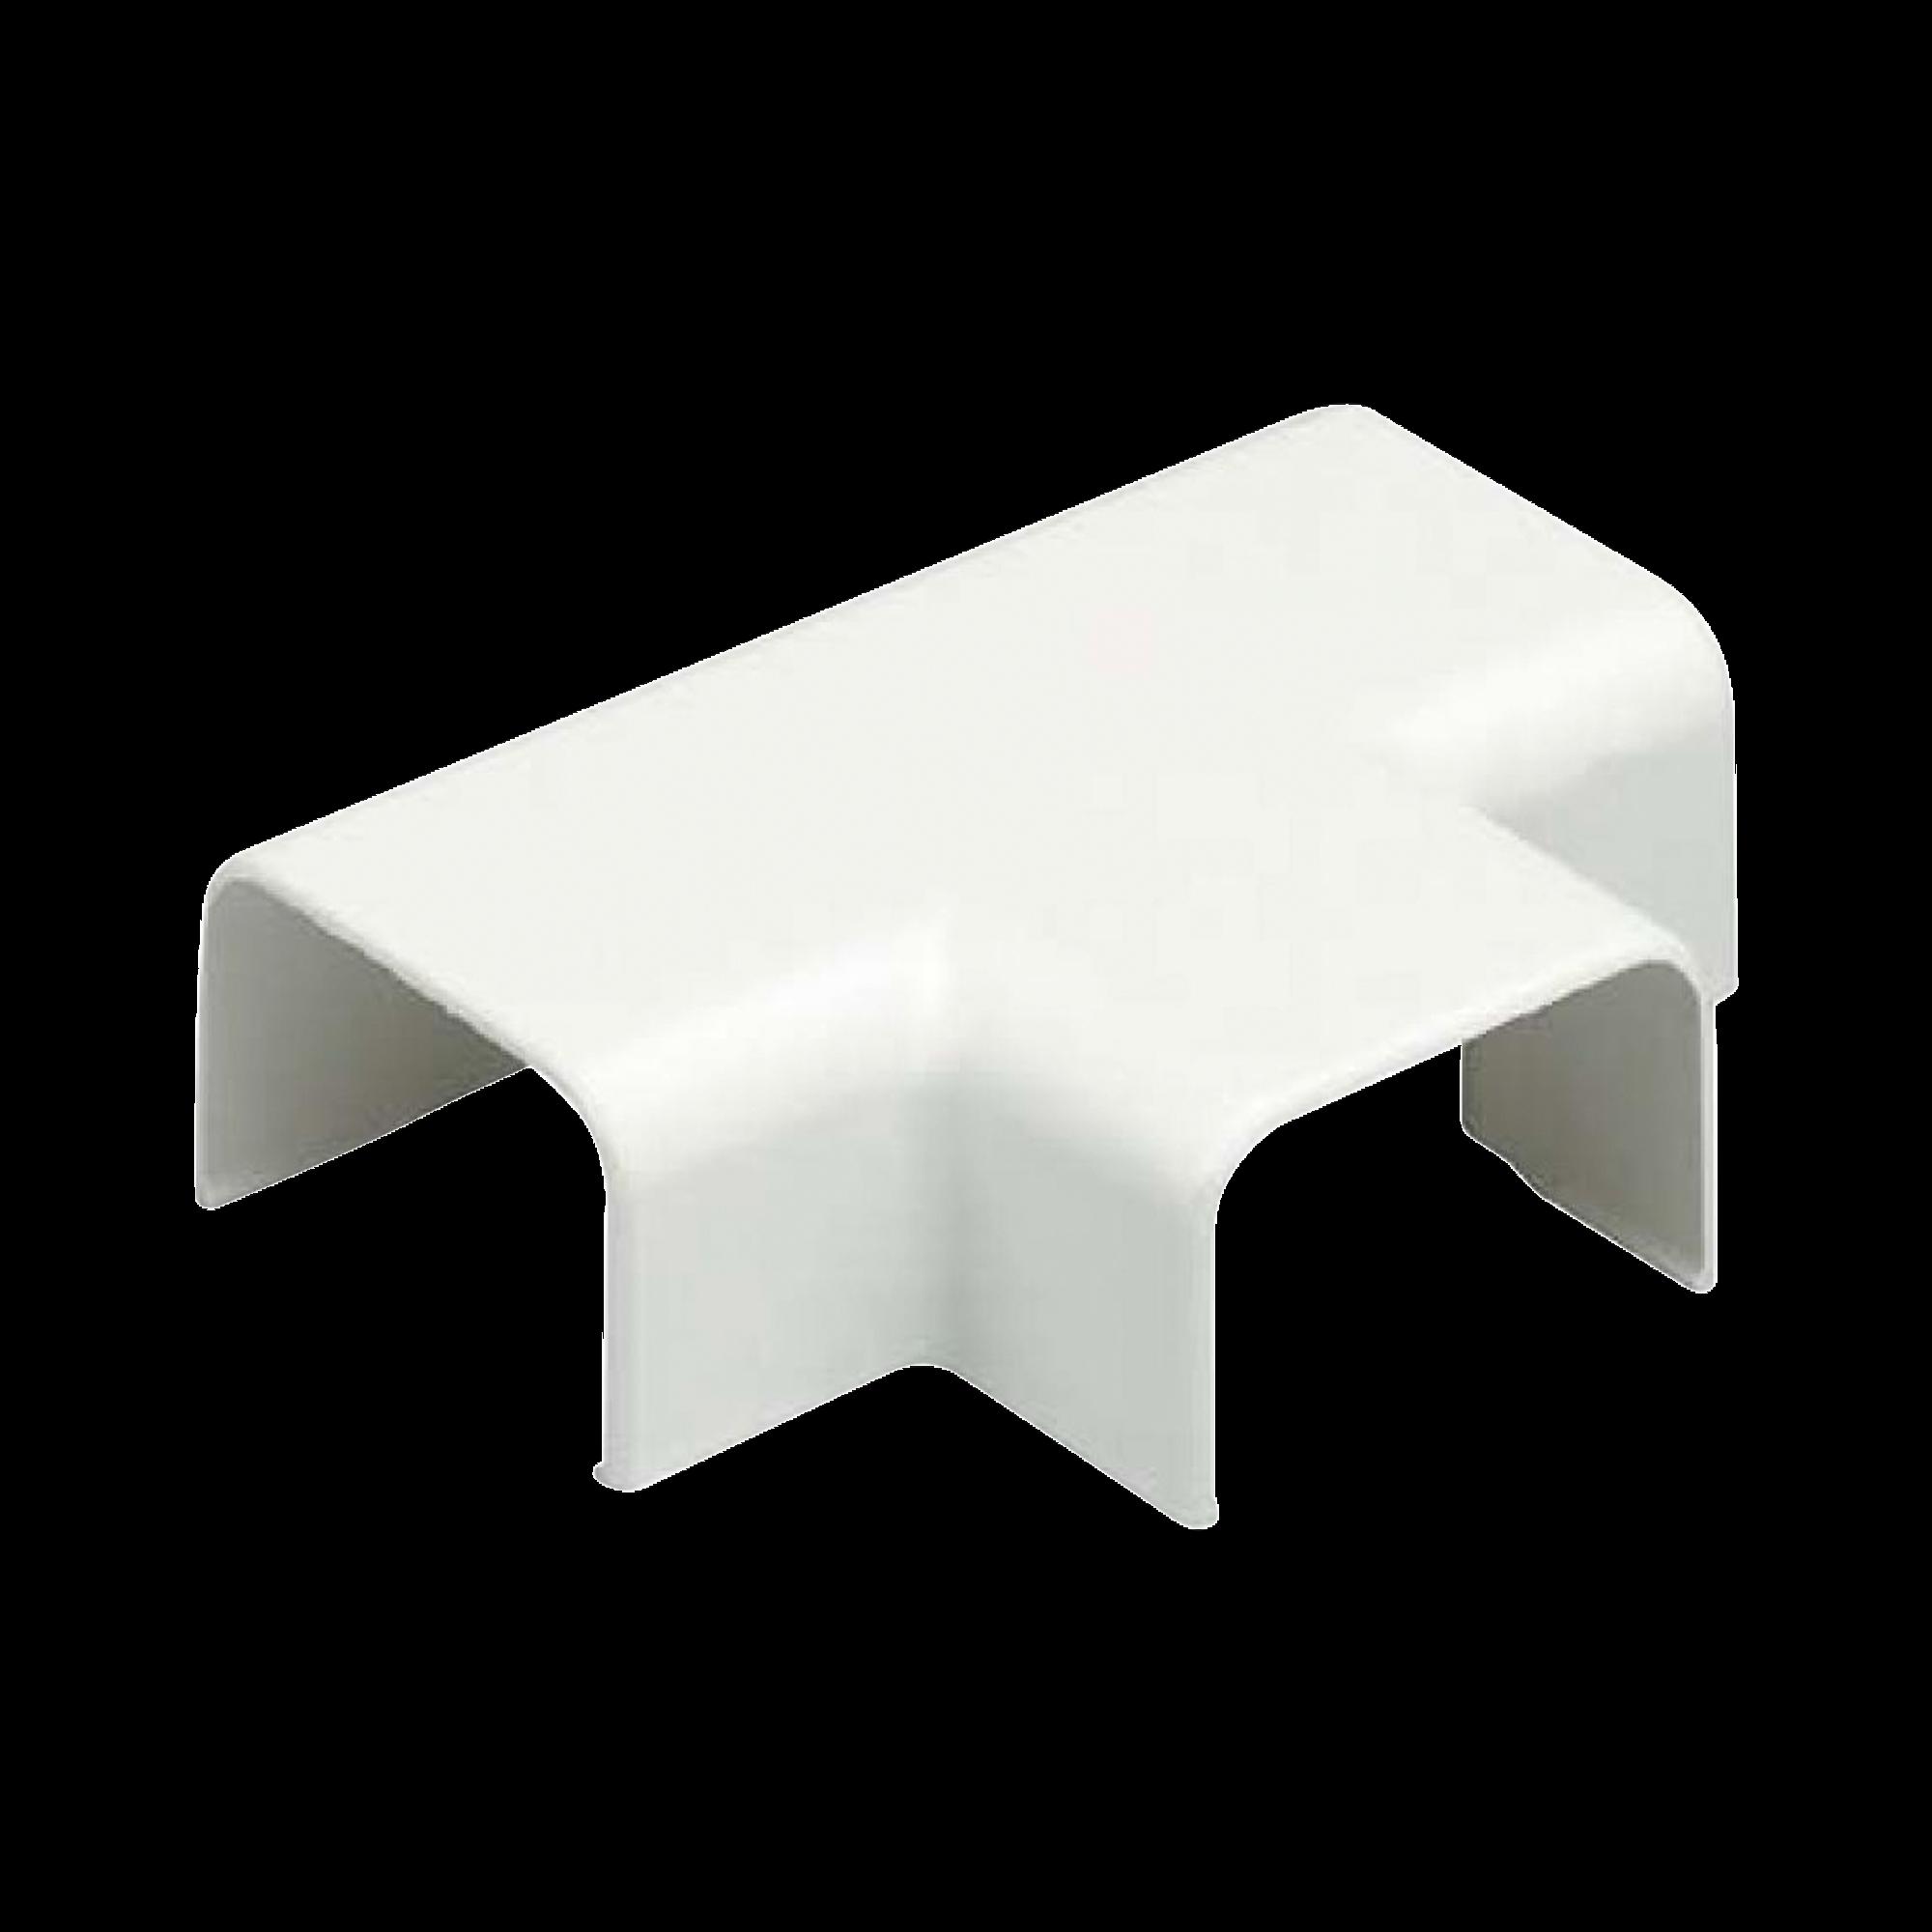 Conexión en T, para uso con canaleta LD3, material ABS, Color Blanco Mate